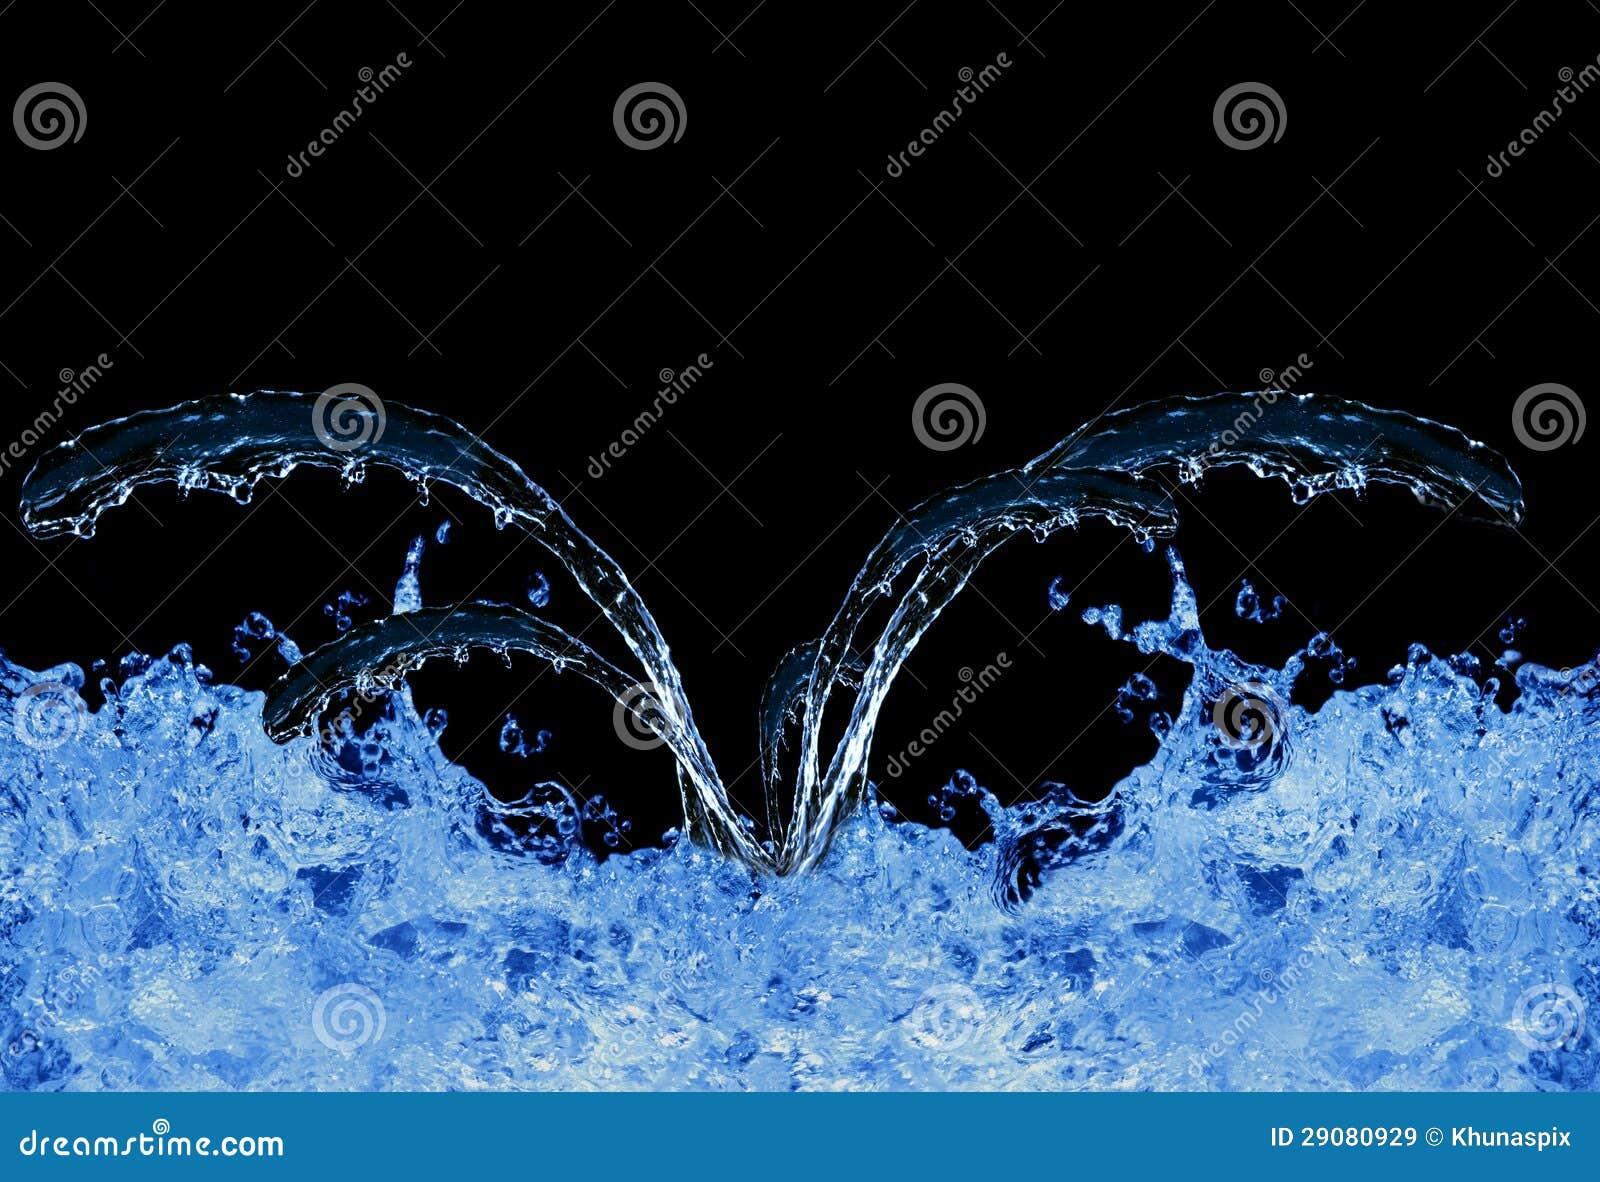 Blue water splashing on black